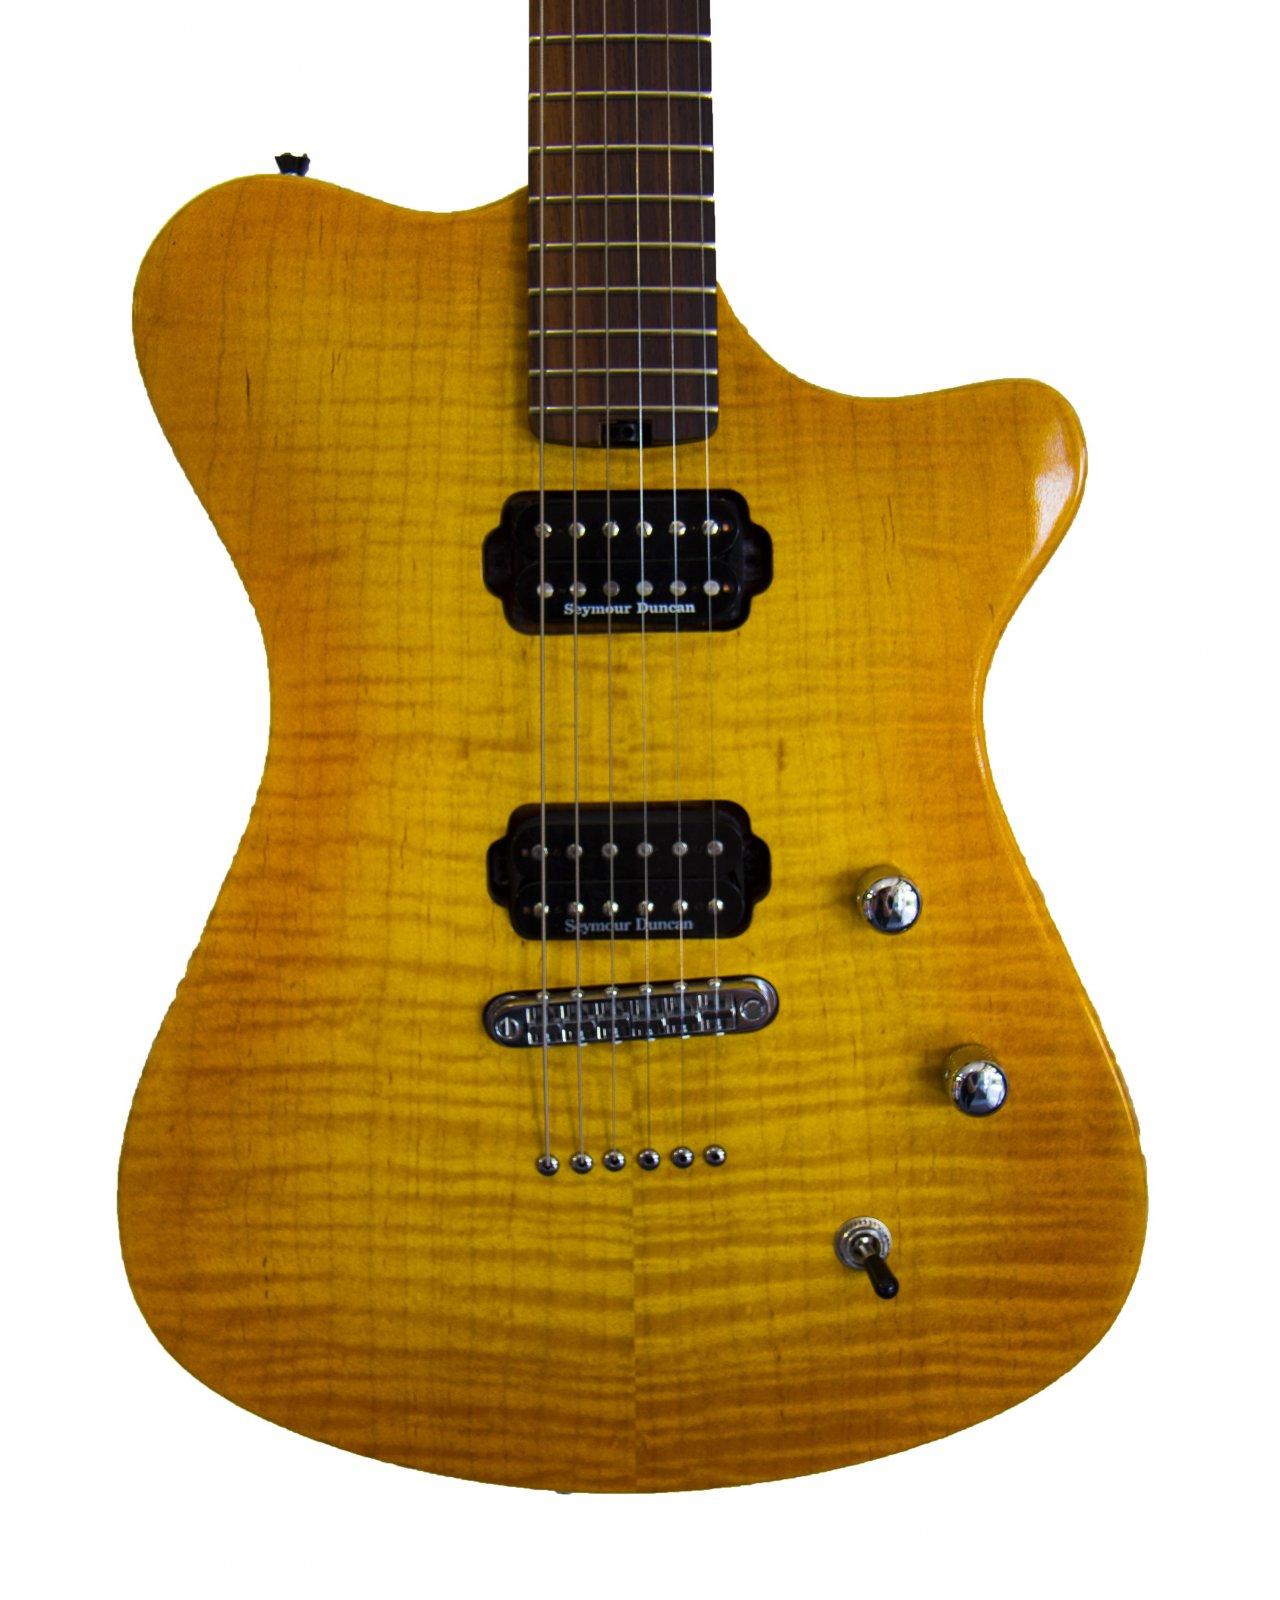 C 12740 - Joe's Guitars Boa Flametop